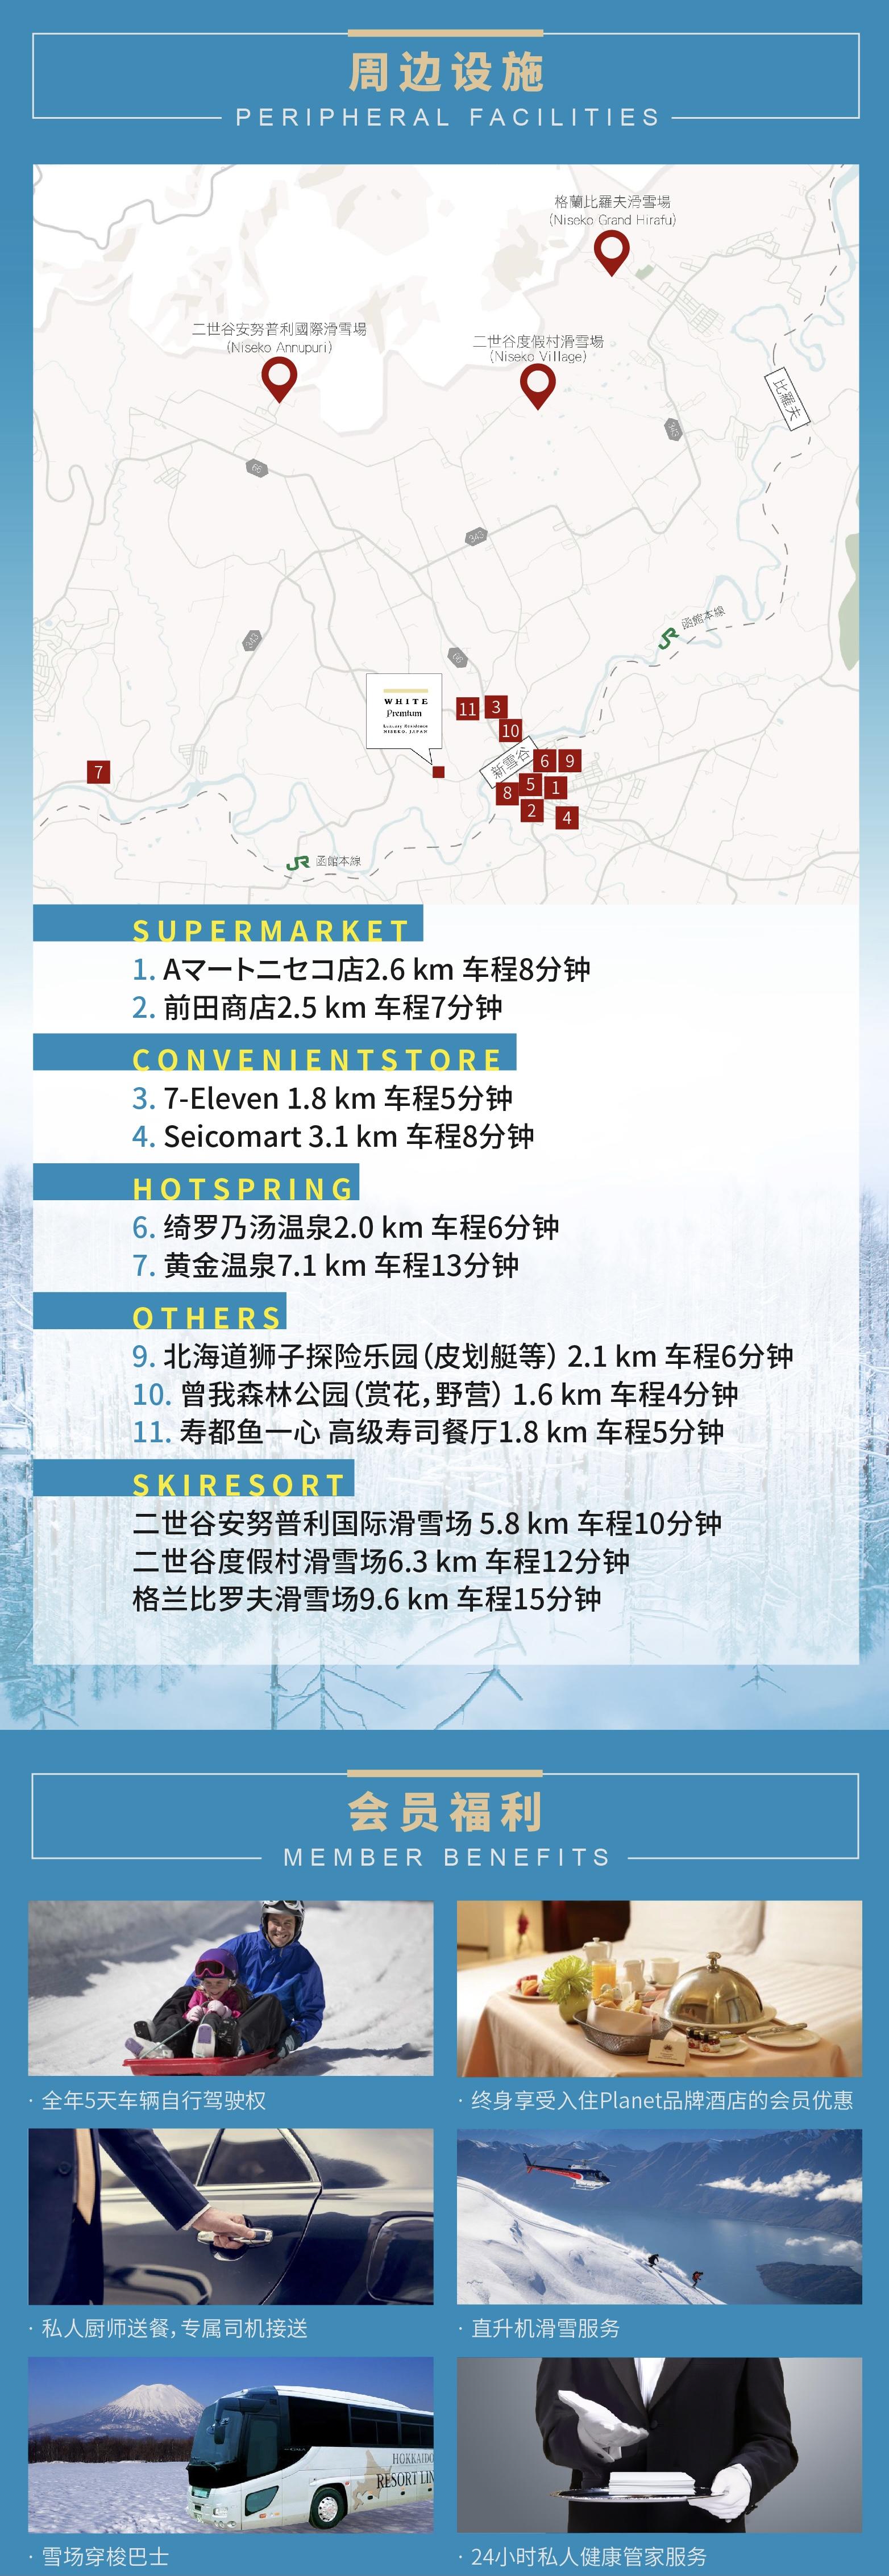 0419-二世谷长海报-01_meitu_3.jpg